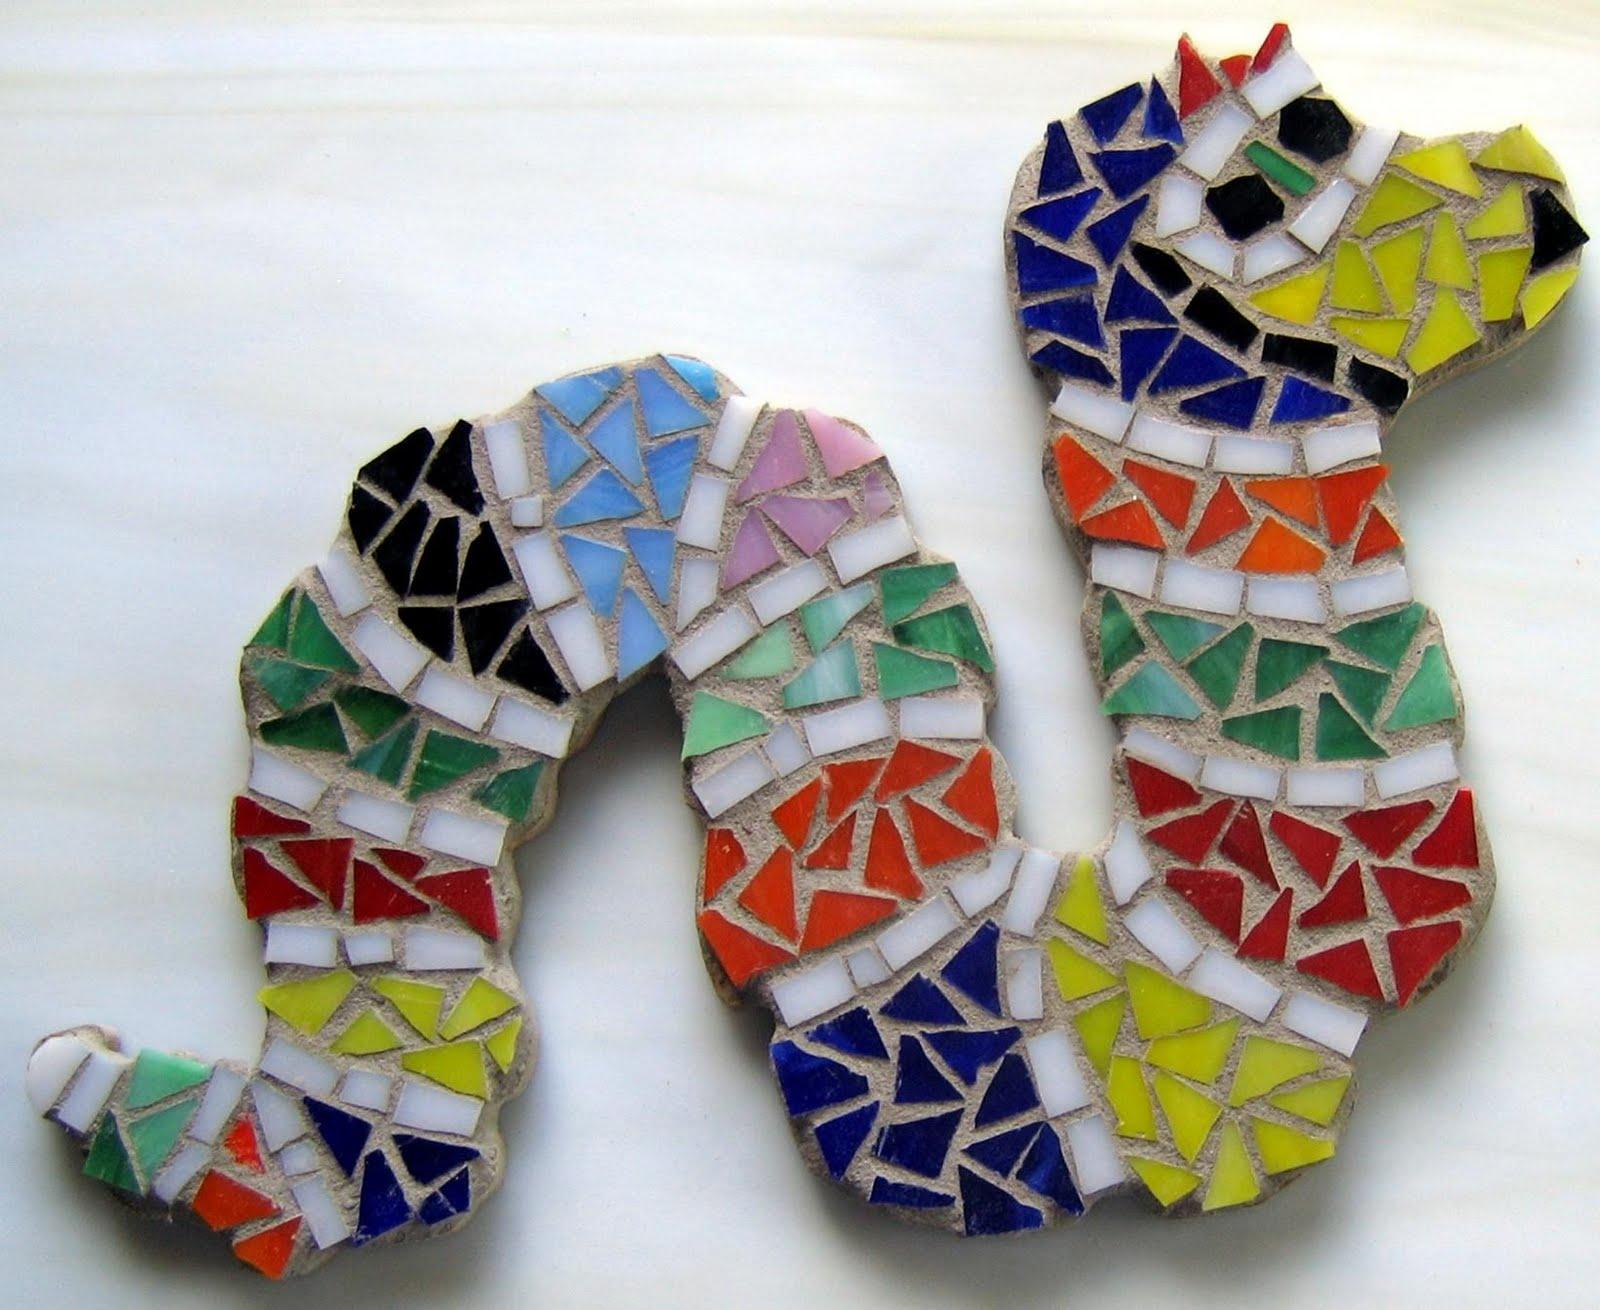 Mosaikkunst Müller: Neue Mosaikvorlagen